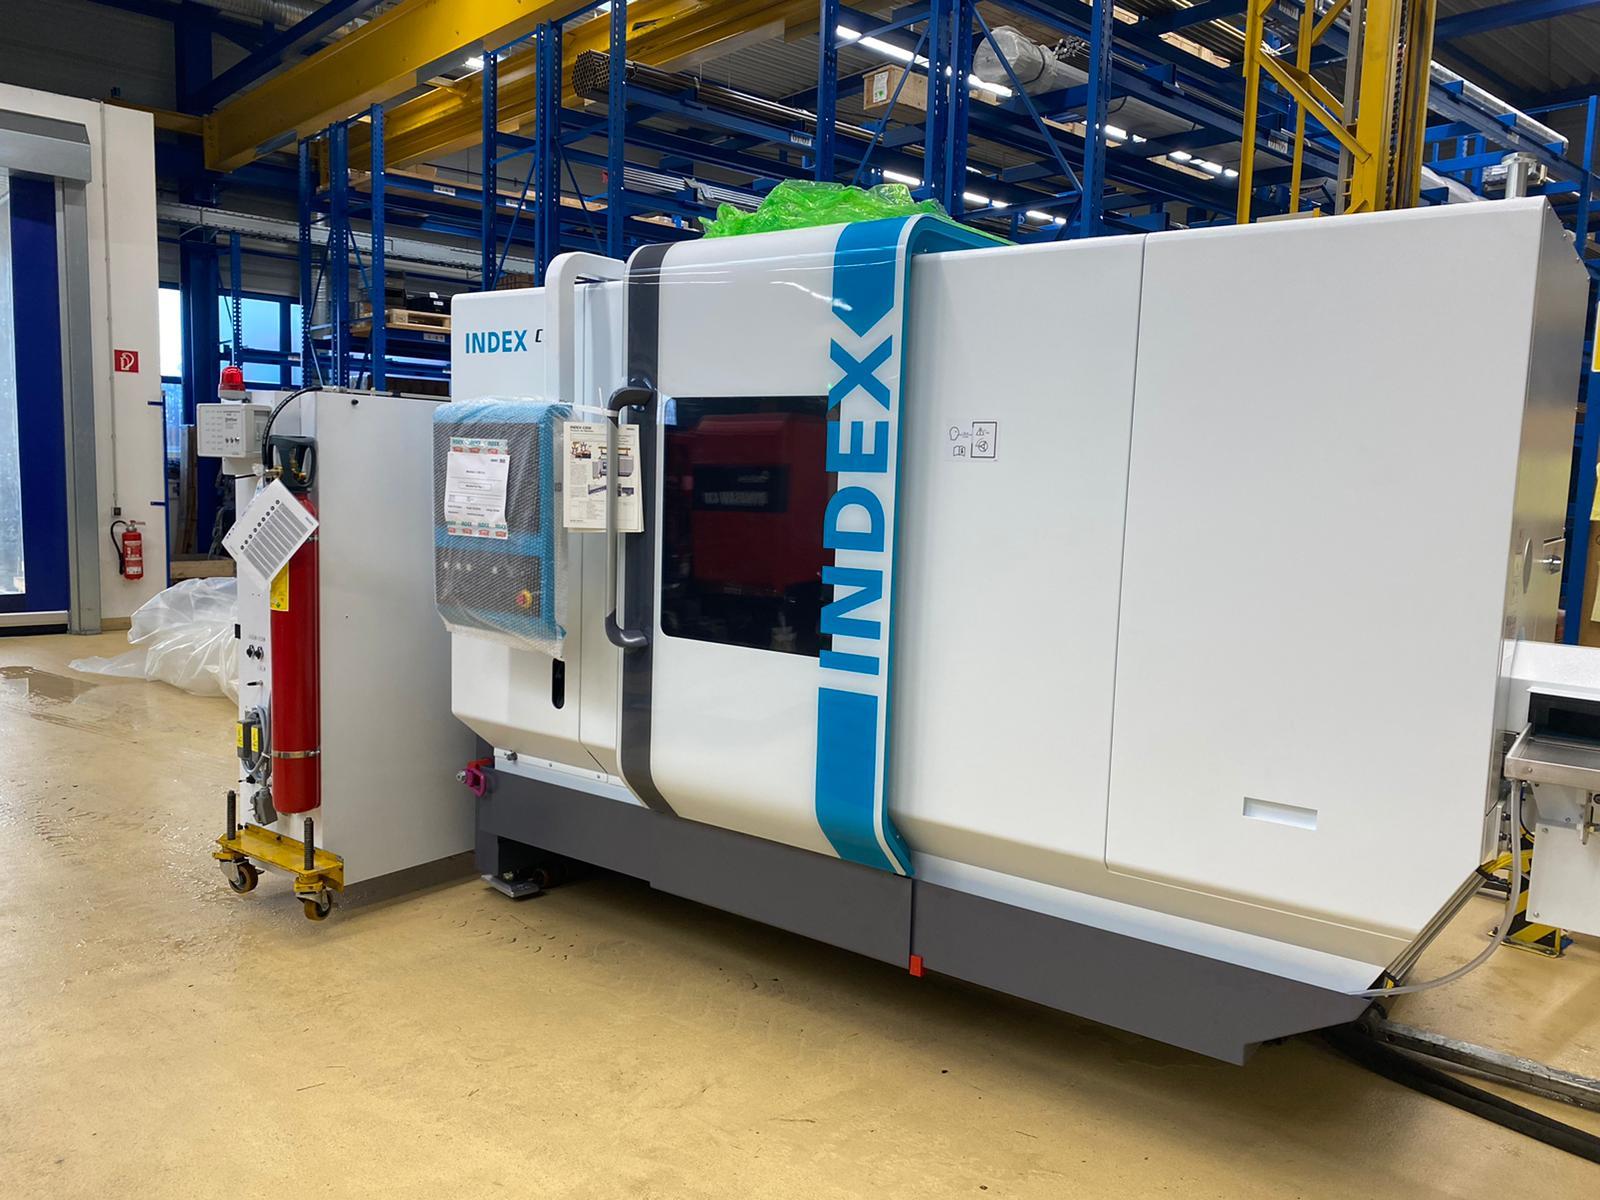 INDEX C 200 CNC Drehmaschine der HK Präzisionsteile GmbH